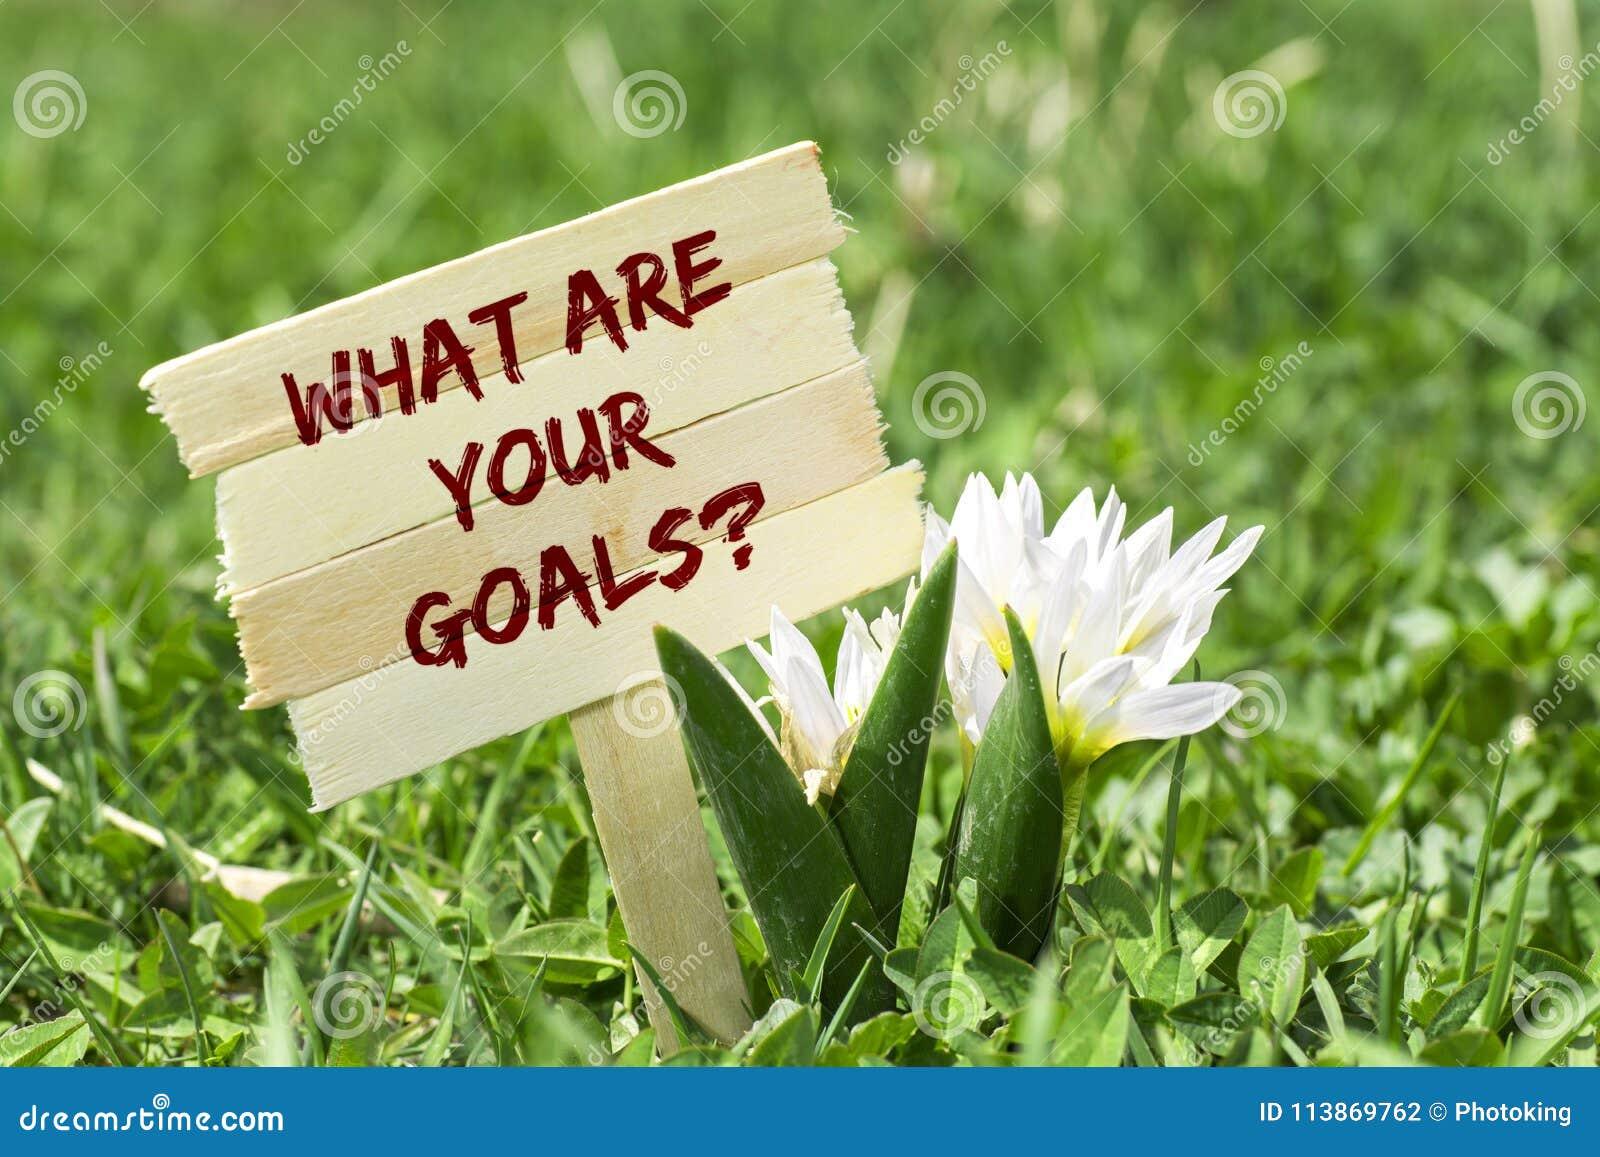 Cuáles son sus metas